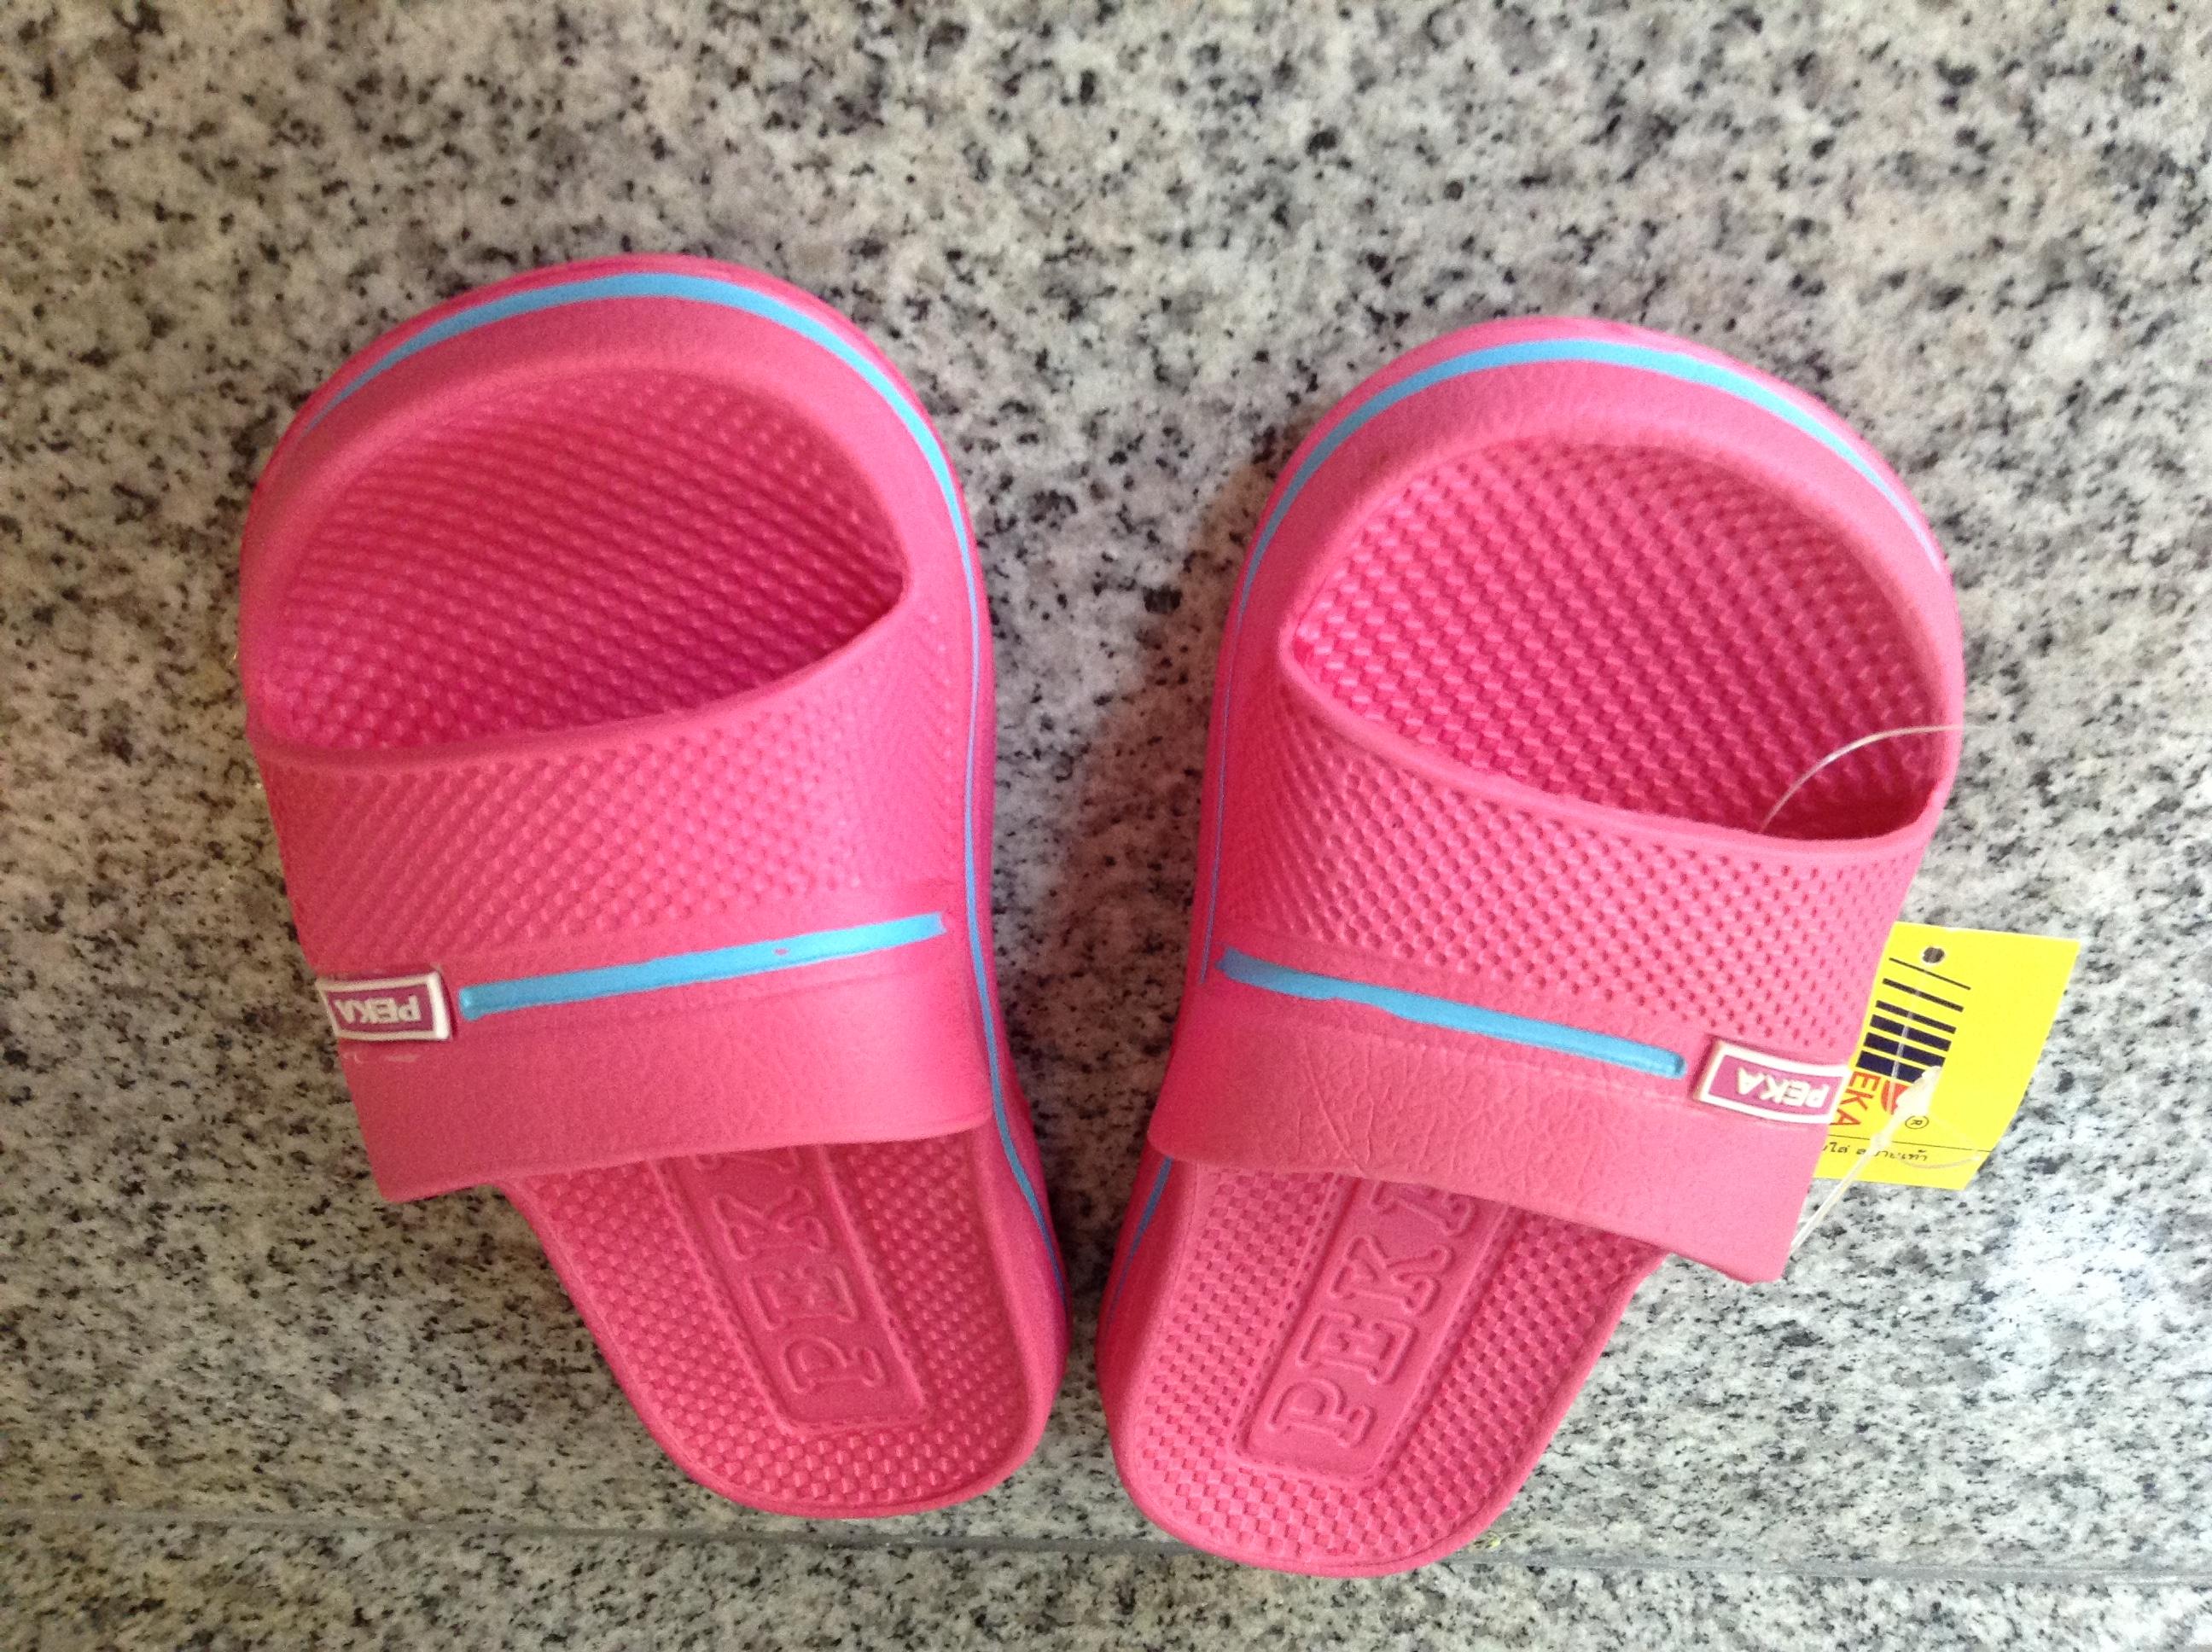 dcf01bed6 PEKA Kids Flip Flops Sandals Pink Sandals Shoes